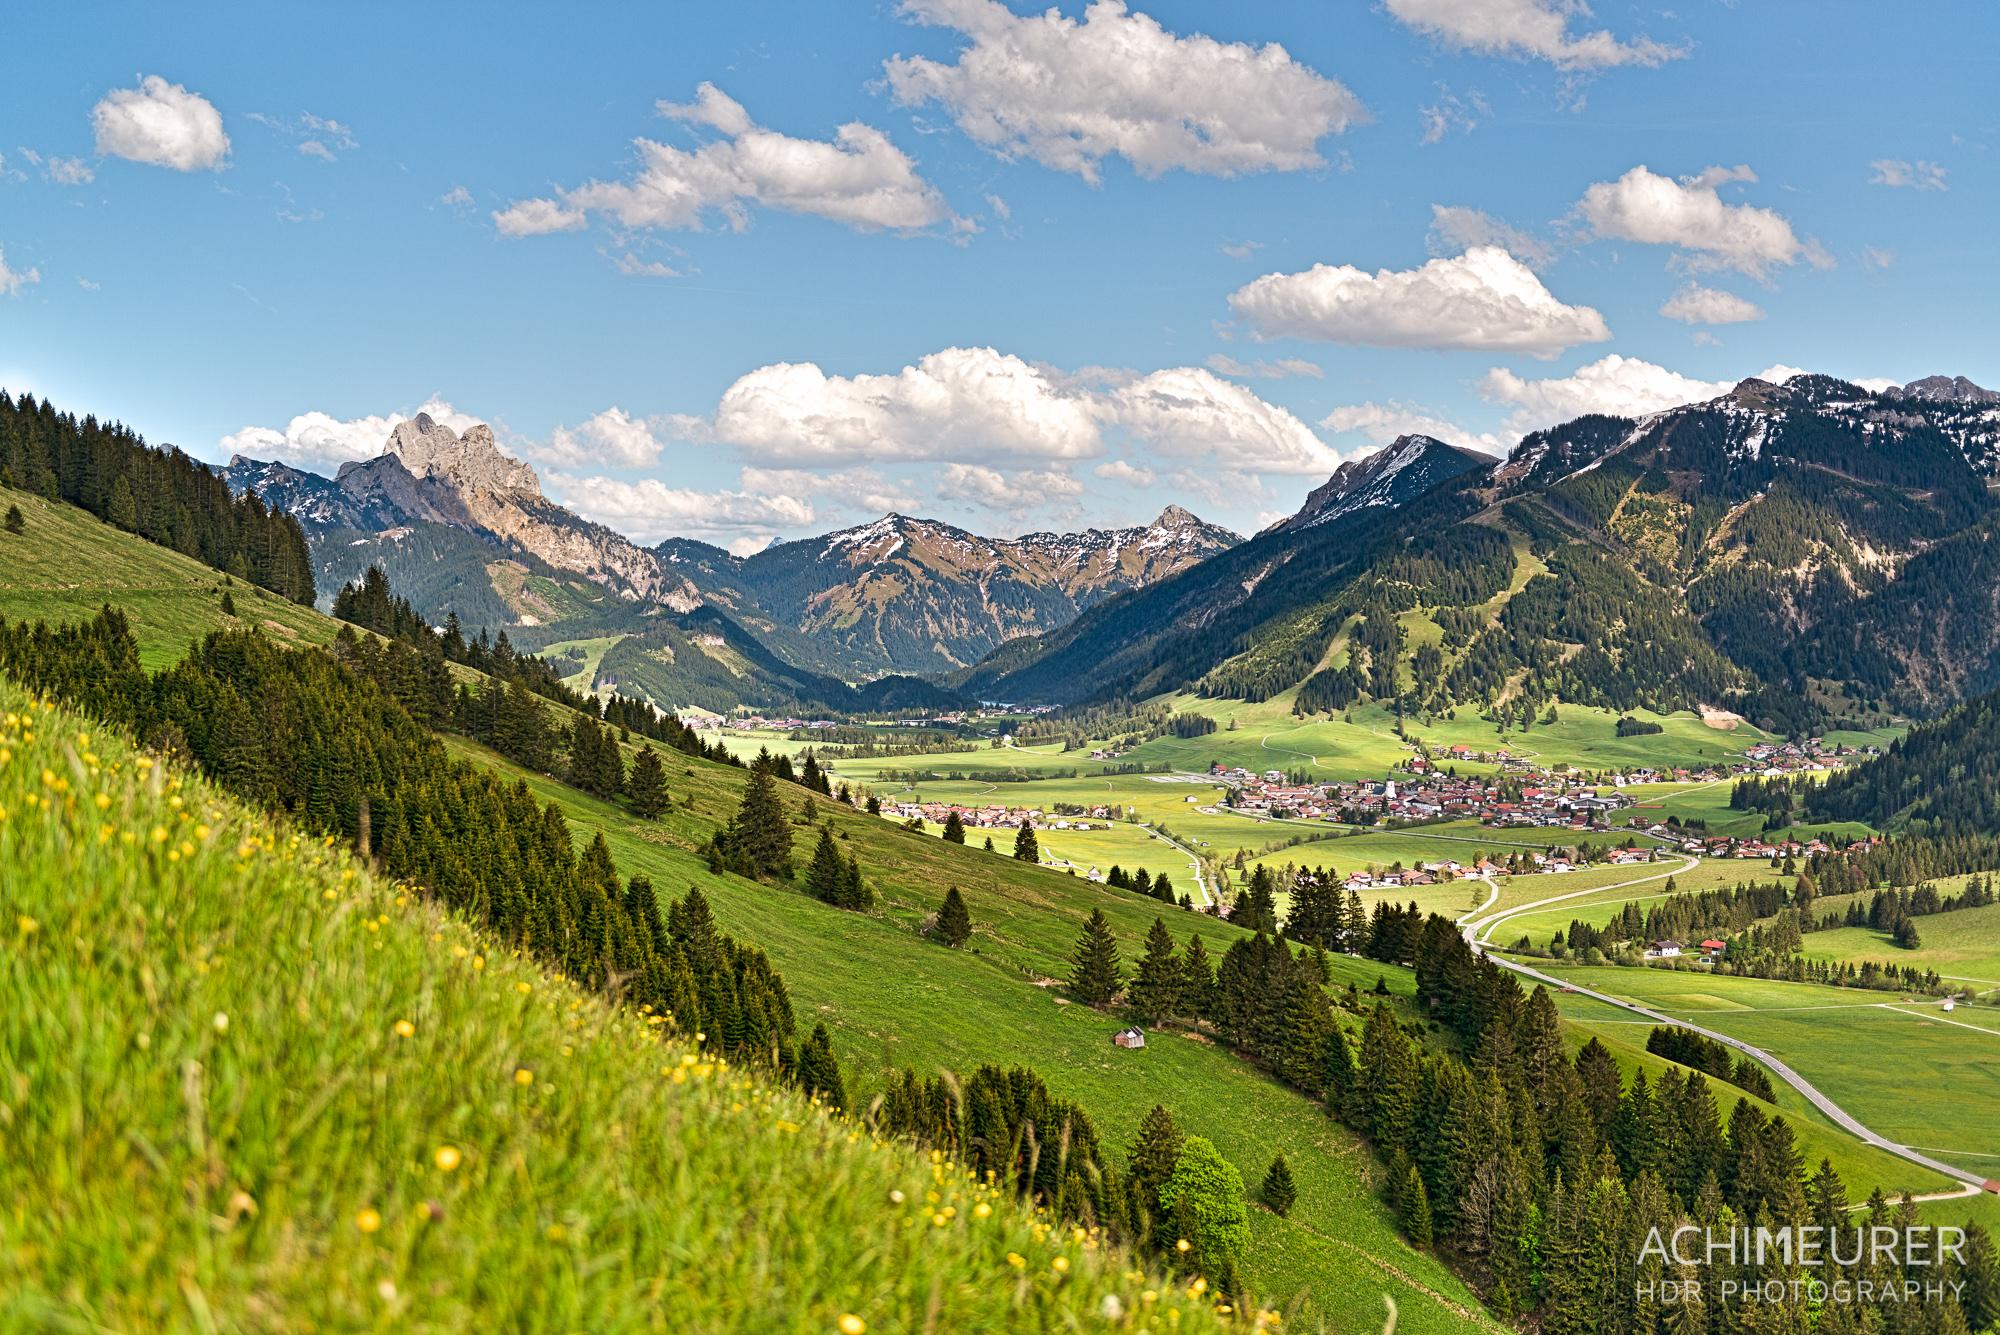 Tannheimer-Tal-Fruehling-Landschaft-Wiese-Blumen_2067_6_5_4_3_HDR